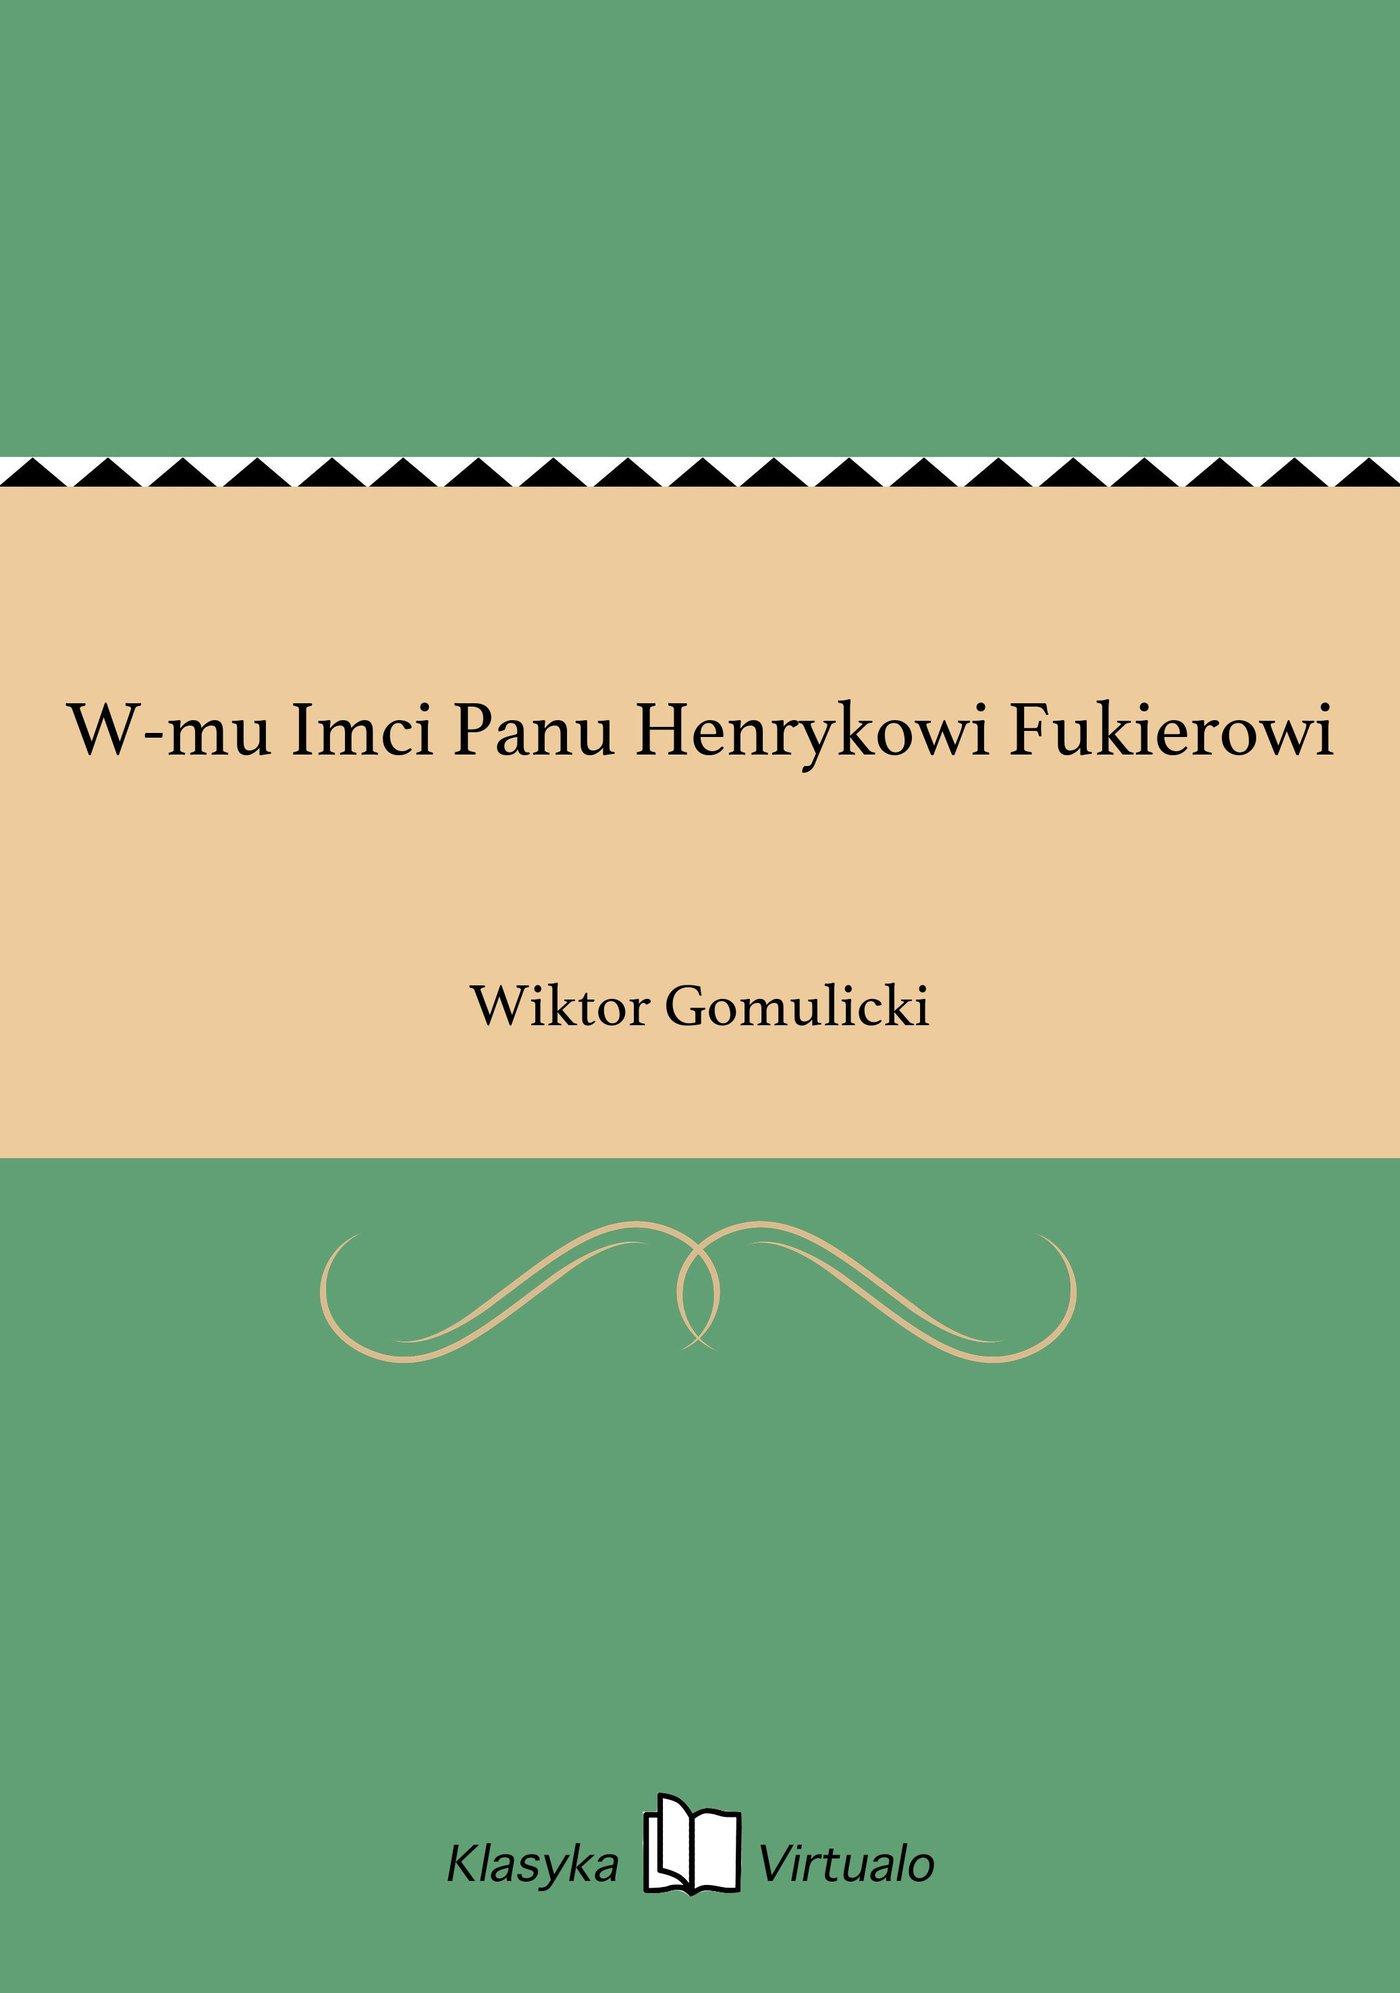 W-mu Imci Panu Henrykowi Fukierowi - Ebook (Książka EPUB) do pobrania w formacie EPUB